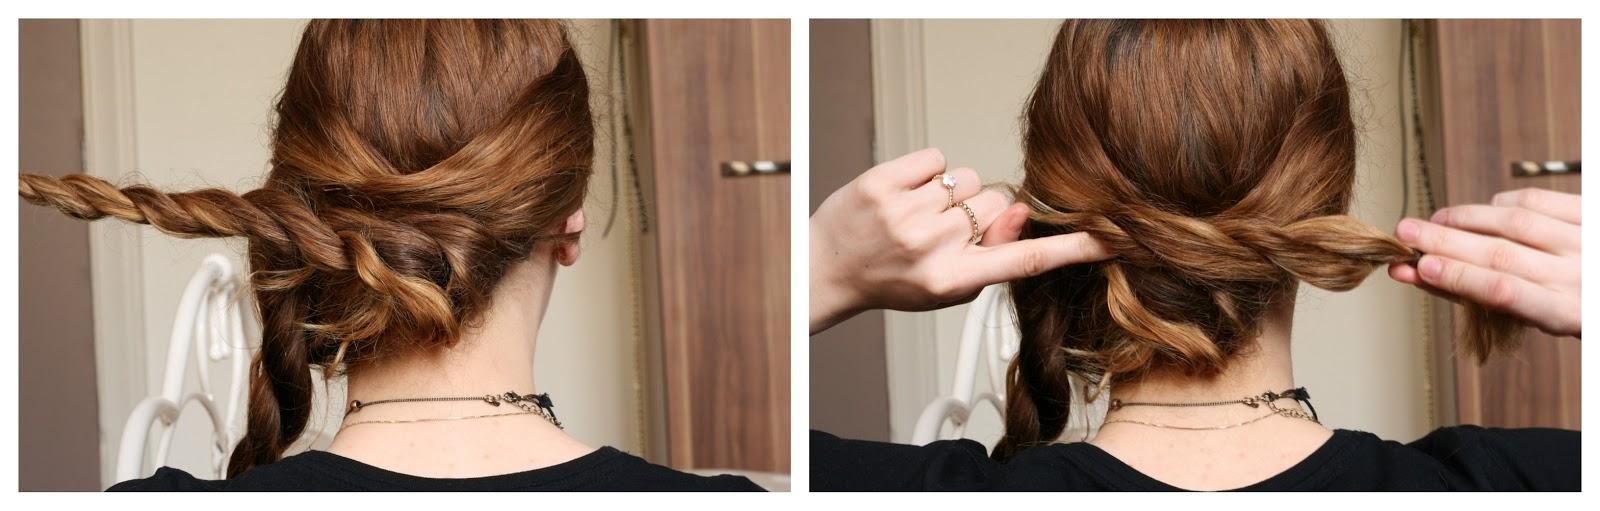 Vidanullvier Eine Einfache Hochsteckfrisur Für Bad Hair Days Bei